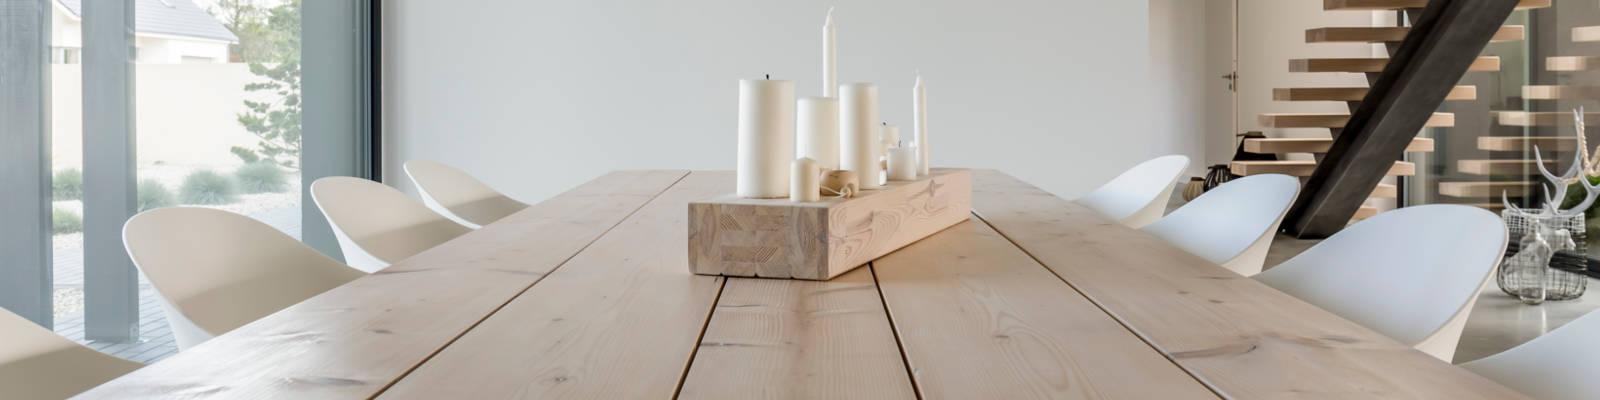 LMT Design - Echtholz Esstisch